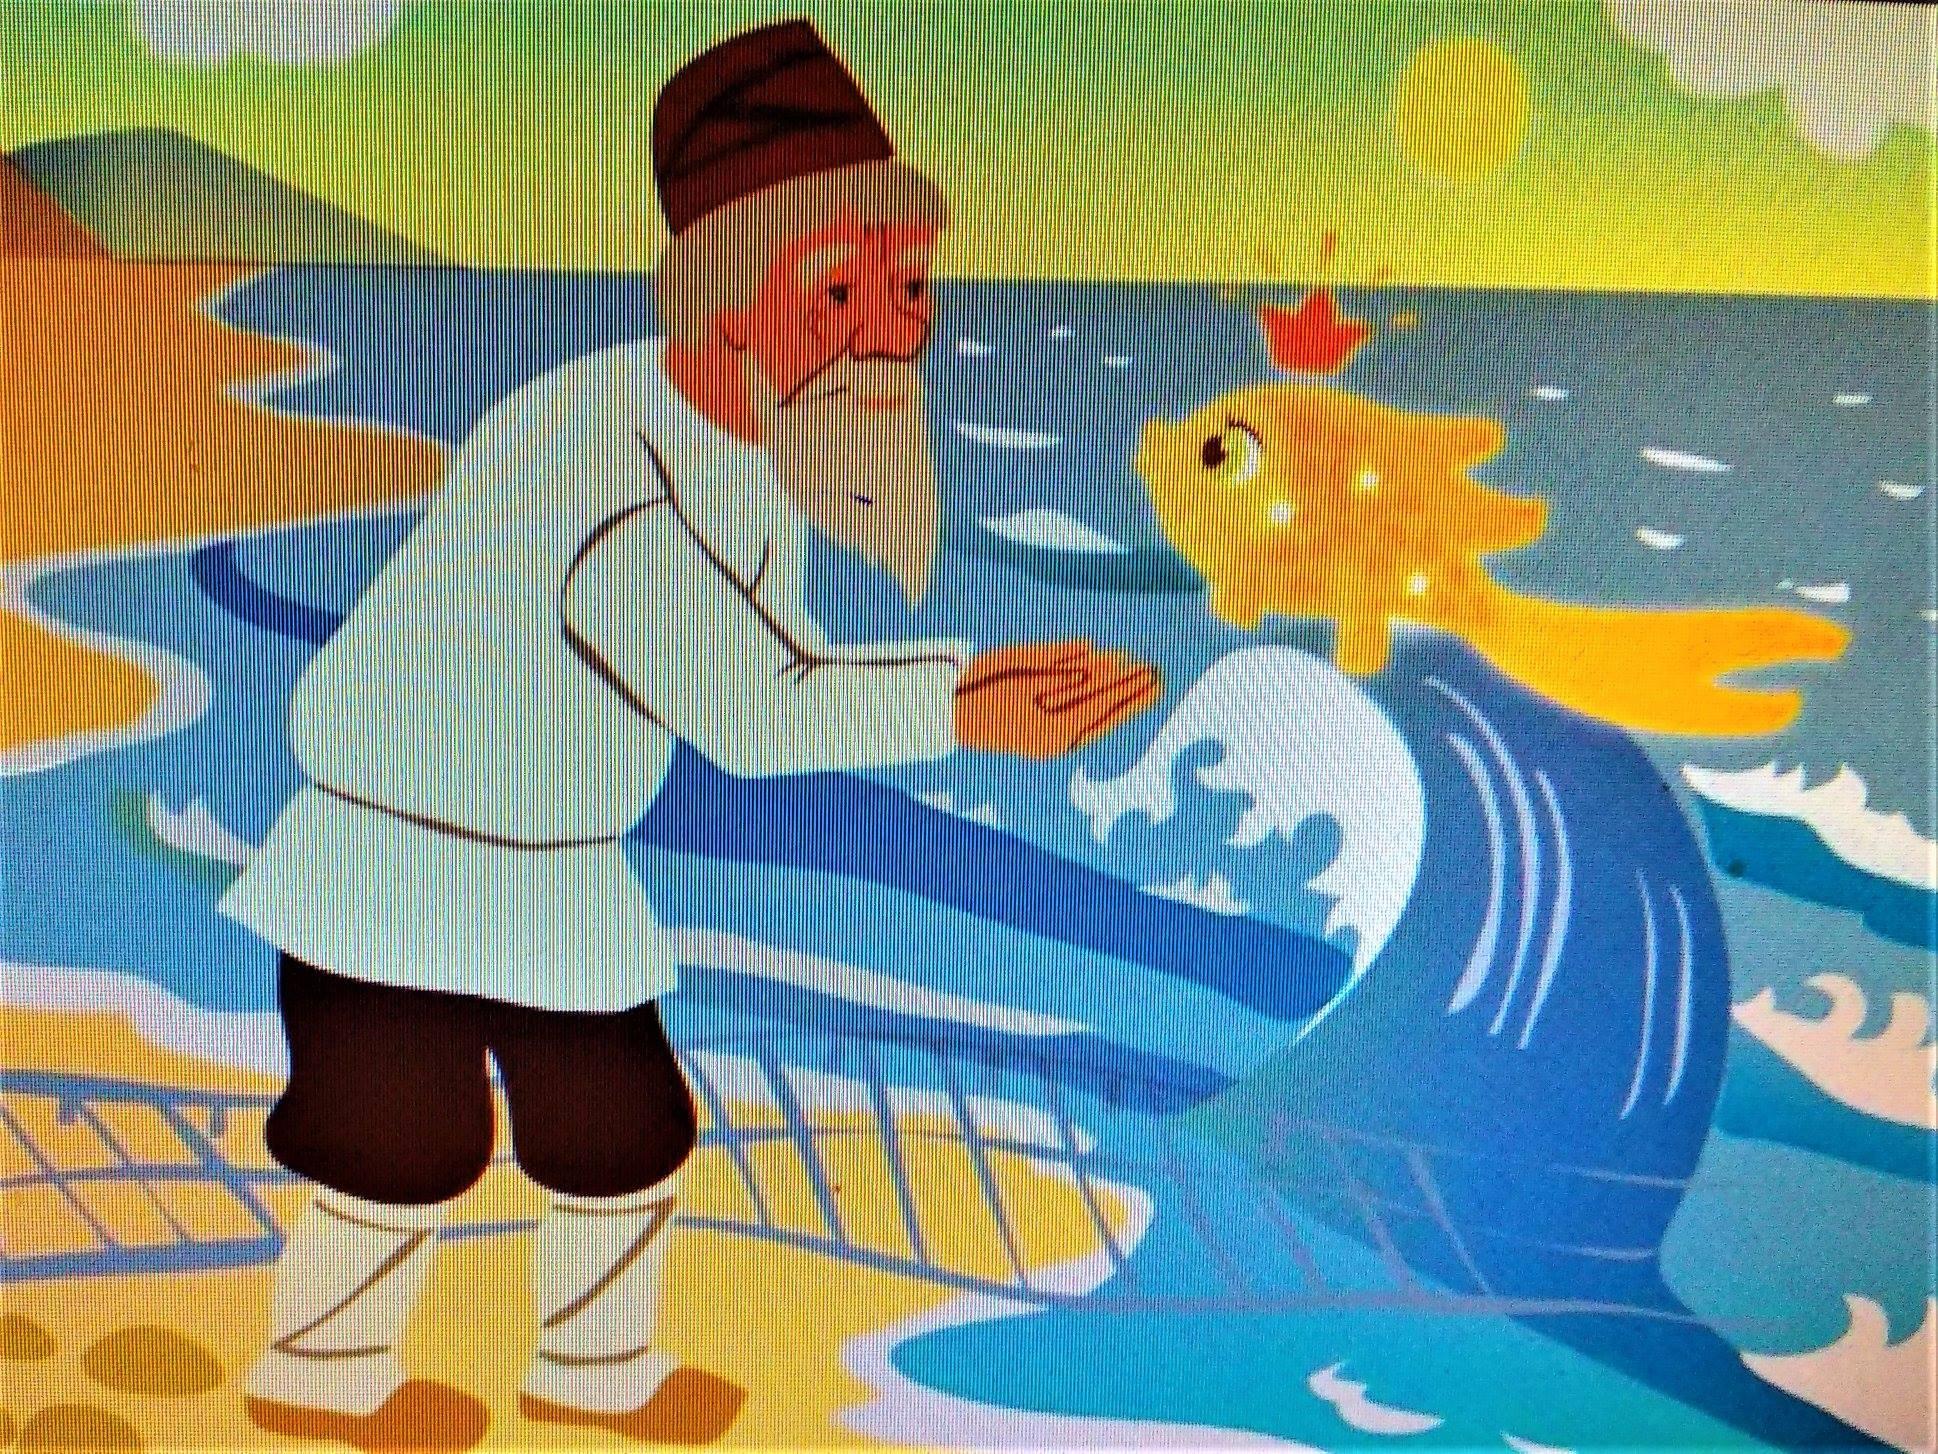 Флеш открытке, сказка о рыбаке и рыбке картинки анимация